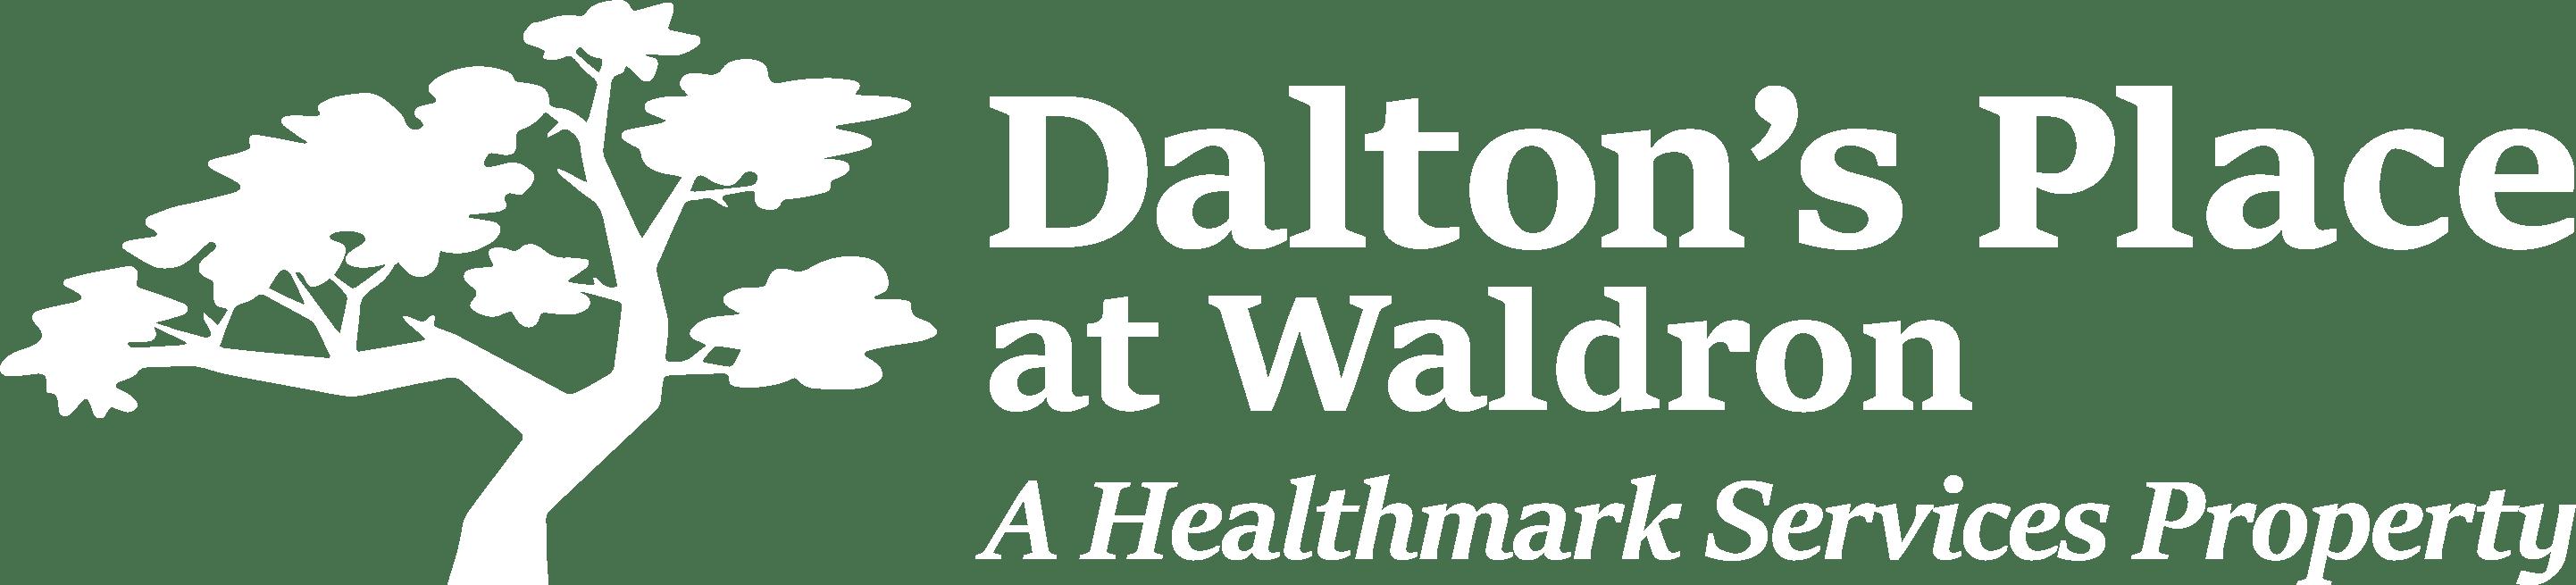 Dalton's Place